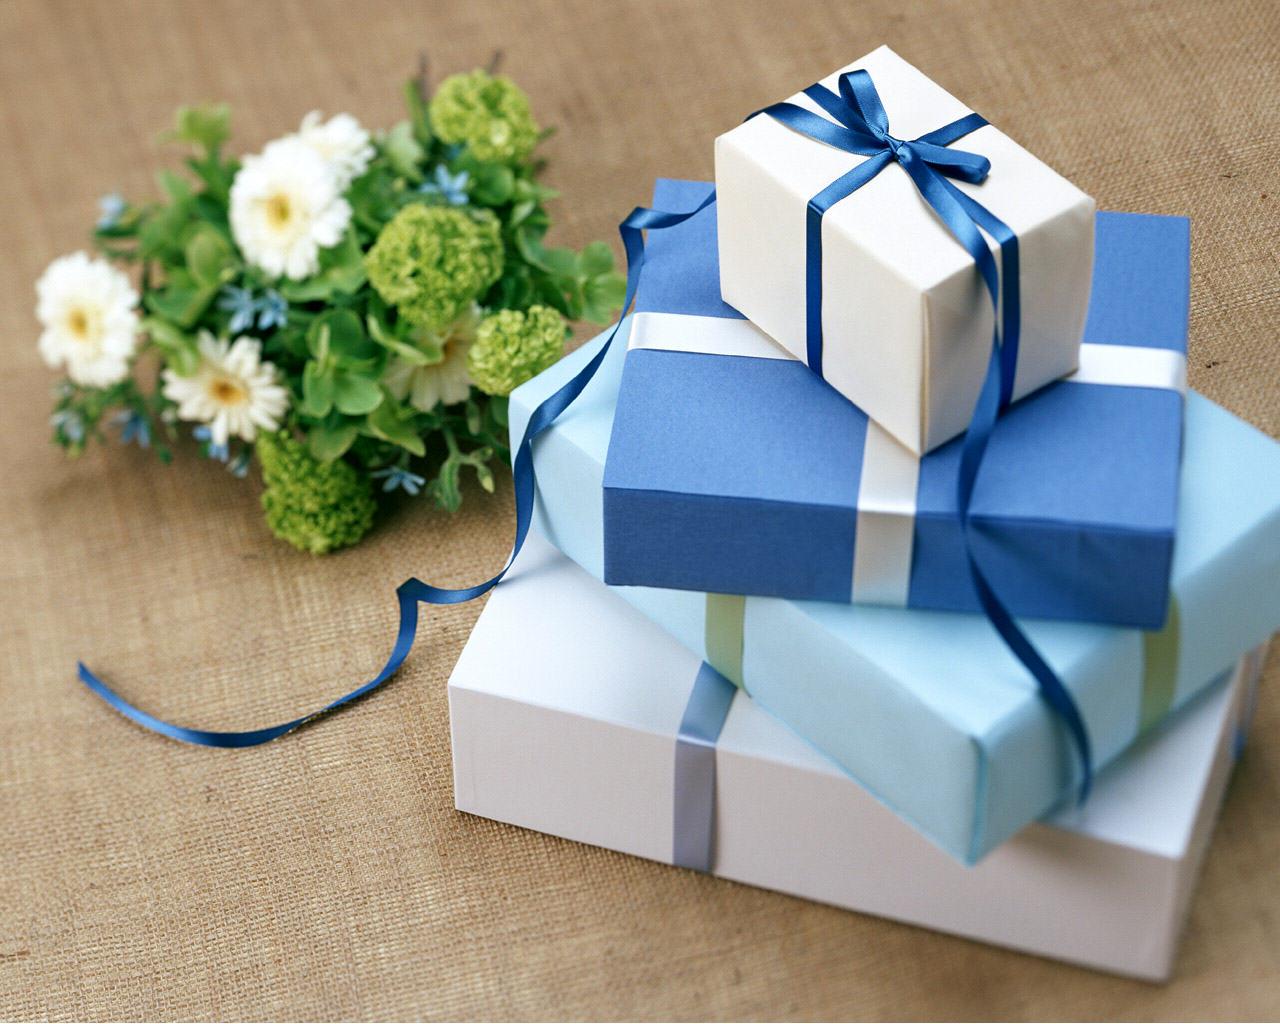 Фото лучших подарков на день рождения